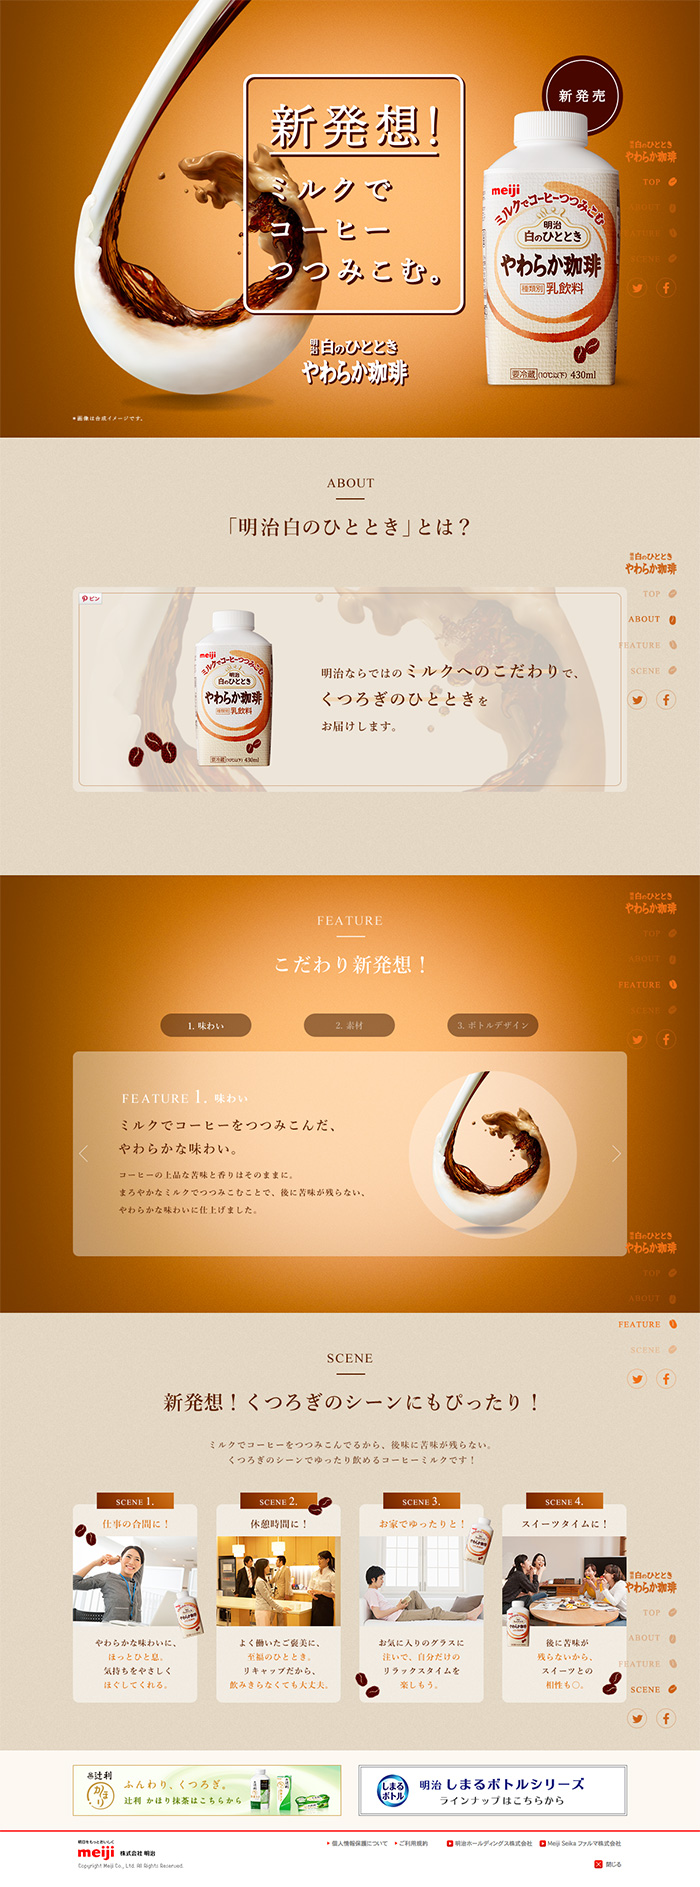 43-www-meiji-co-jp-foods_drink-drink-shirono-hitotoki-1465656656351